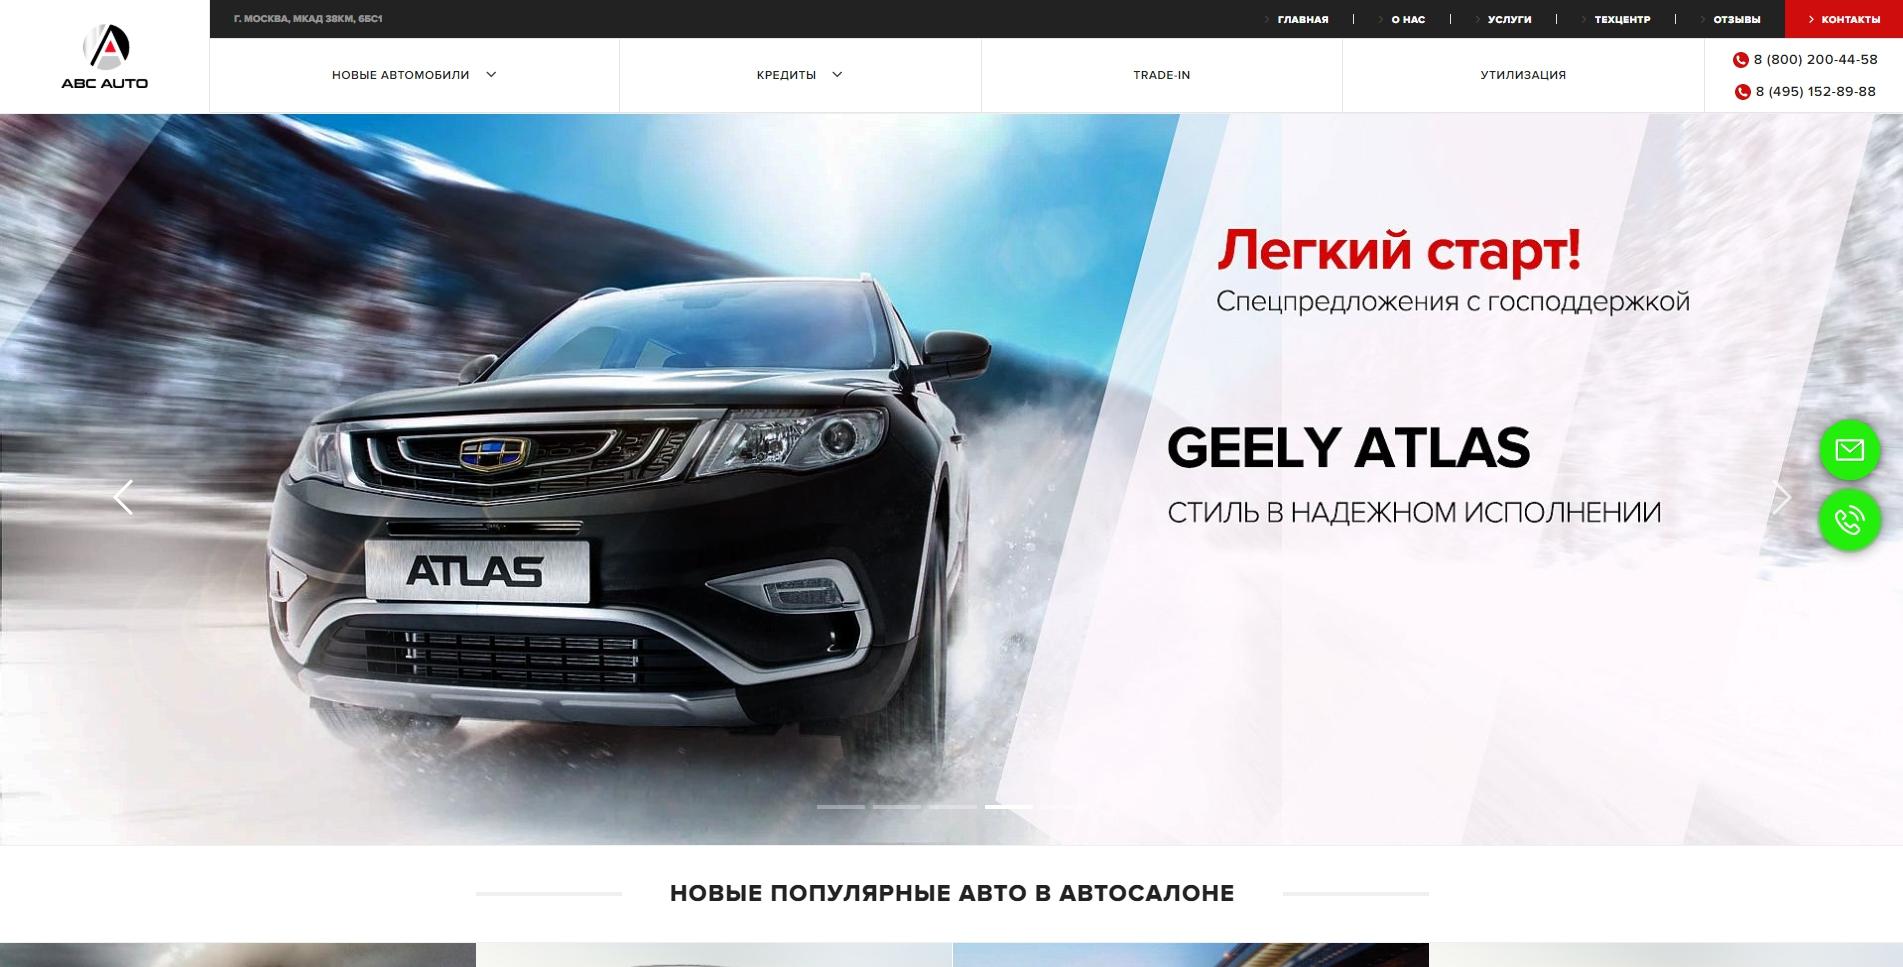 ABC-Auto автосалон